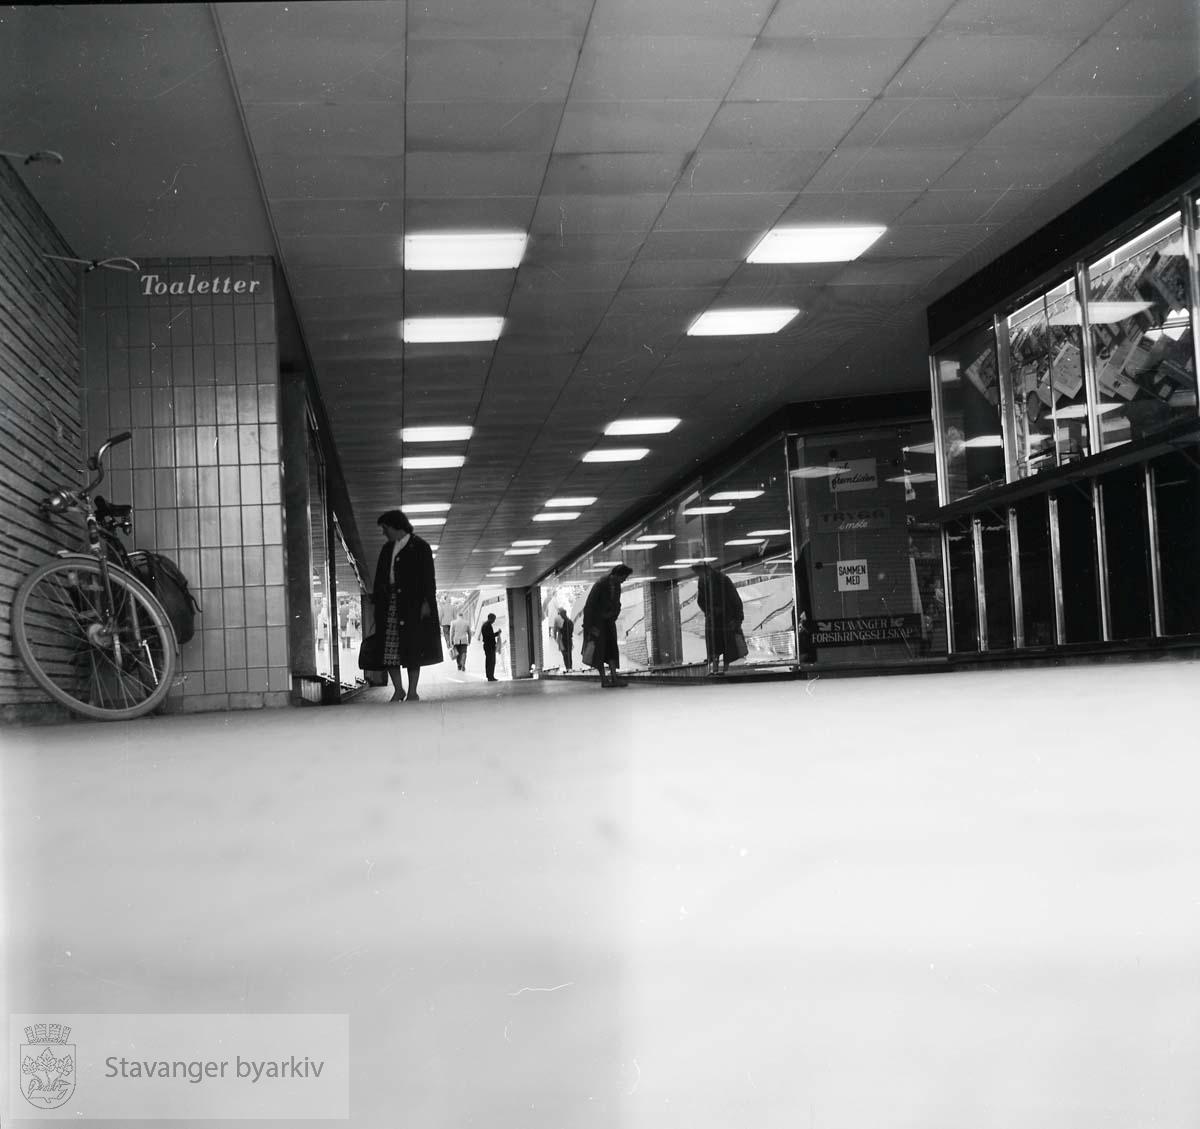 Den nyåpnede undergangen ved Torget